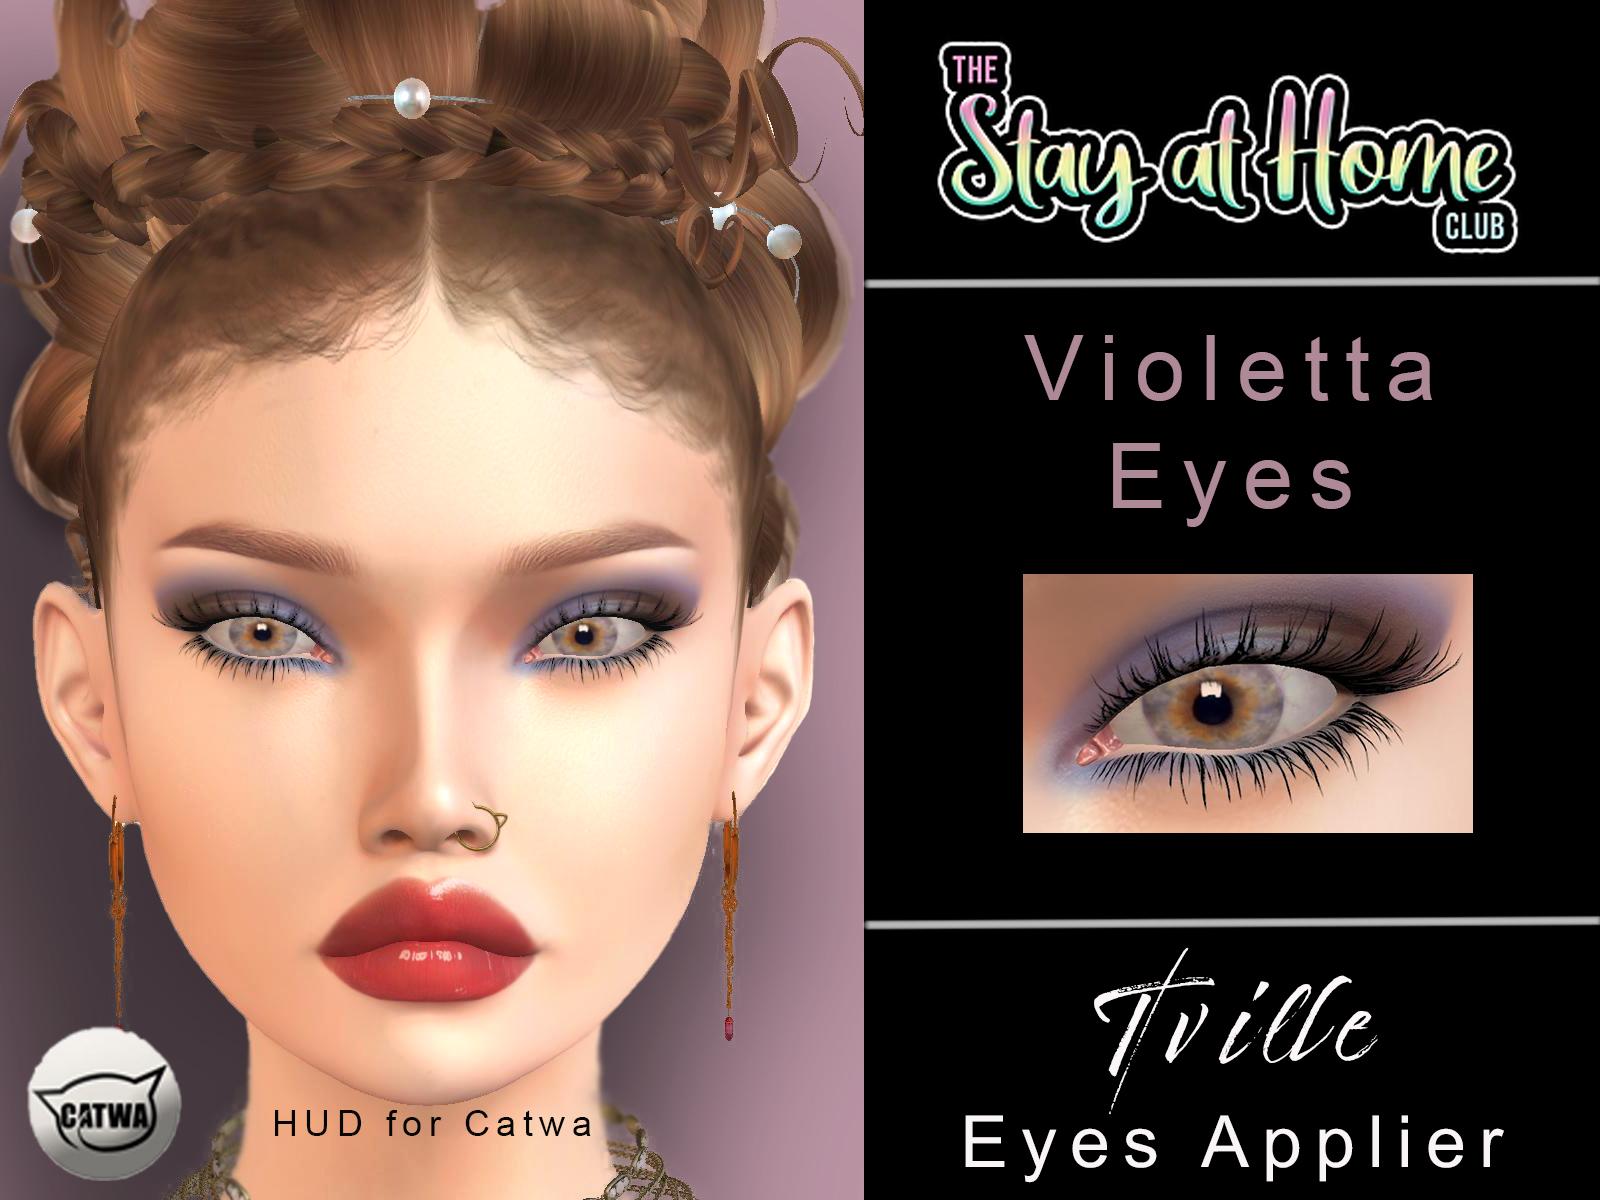 Tiville - Violetta Eyes Applier